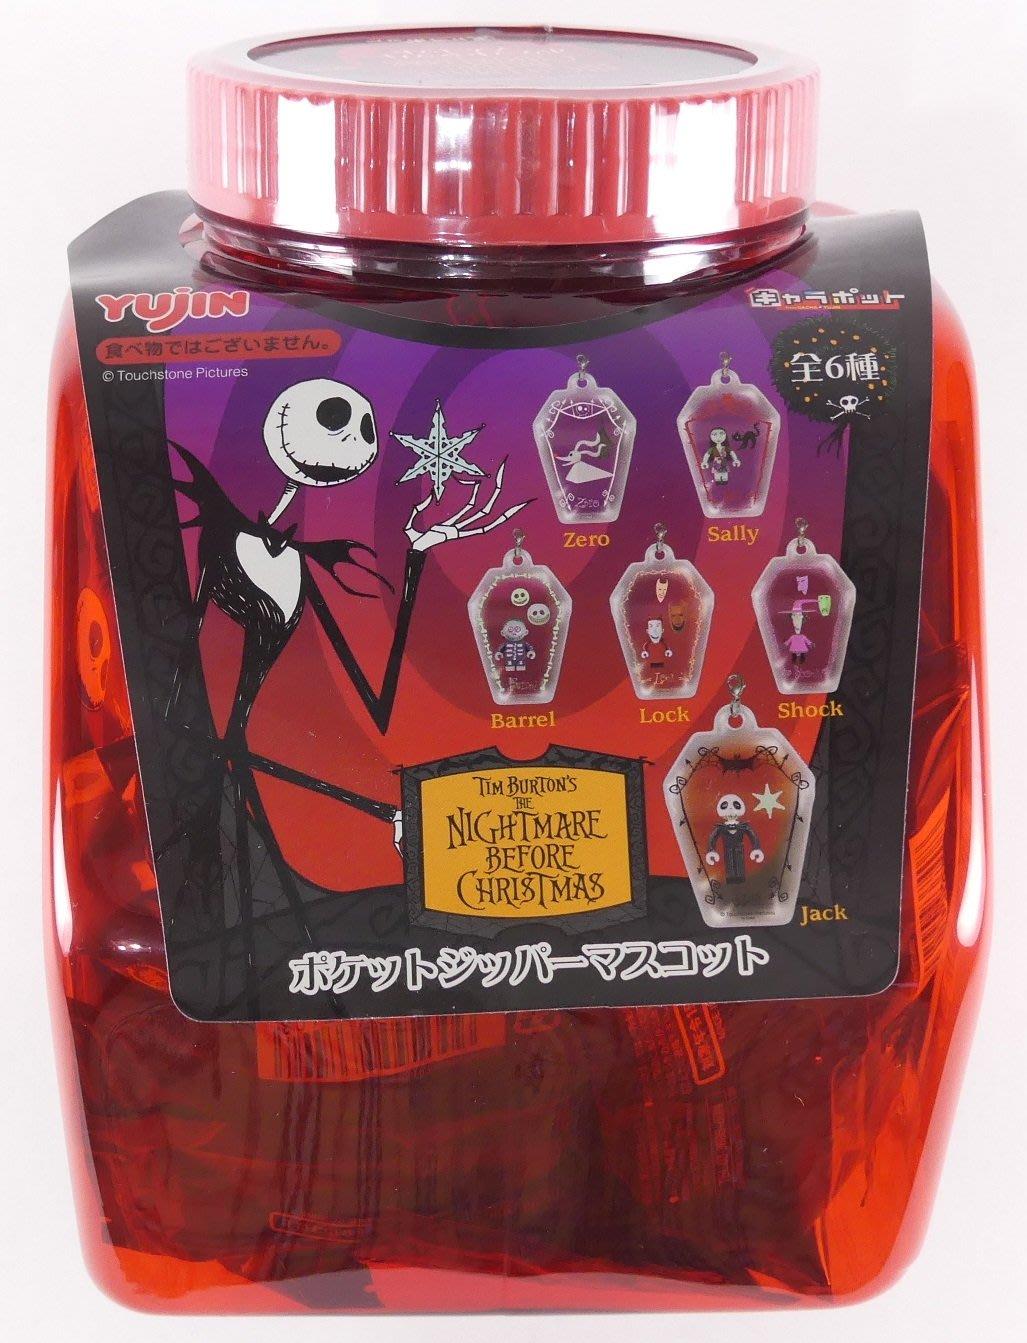 ☆星息xSS☆YUJIN 迪士尼 聖誕夜驚魂 棺材造型吊飾 抽抽樂 全6種 一罐未拆封 內有24包